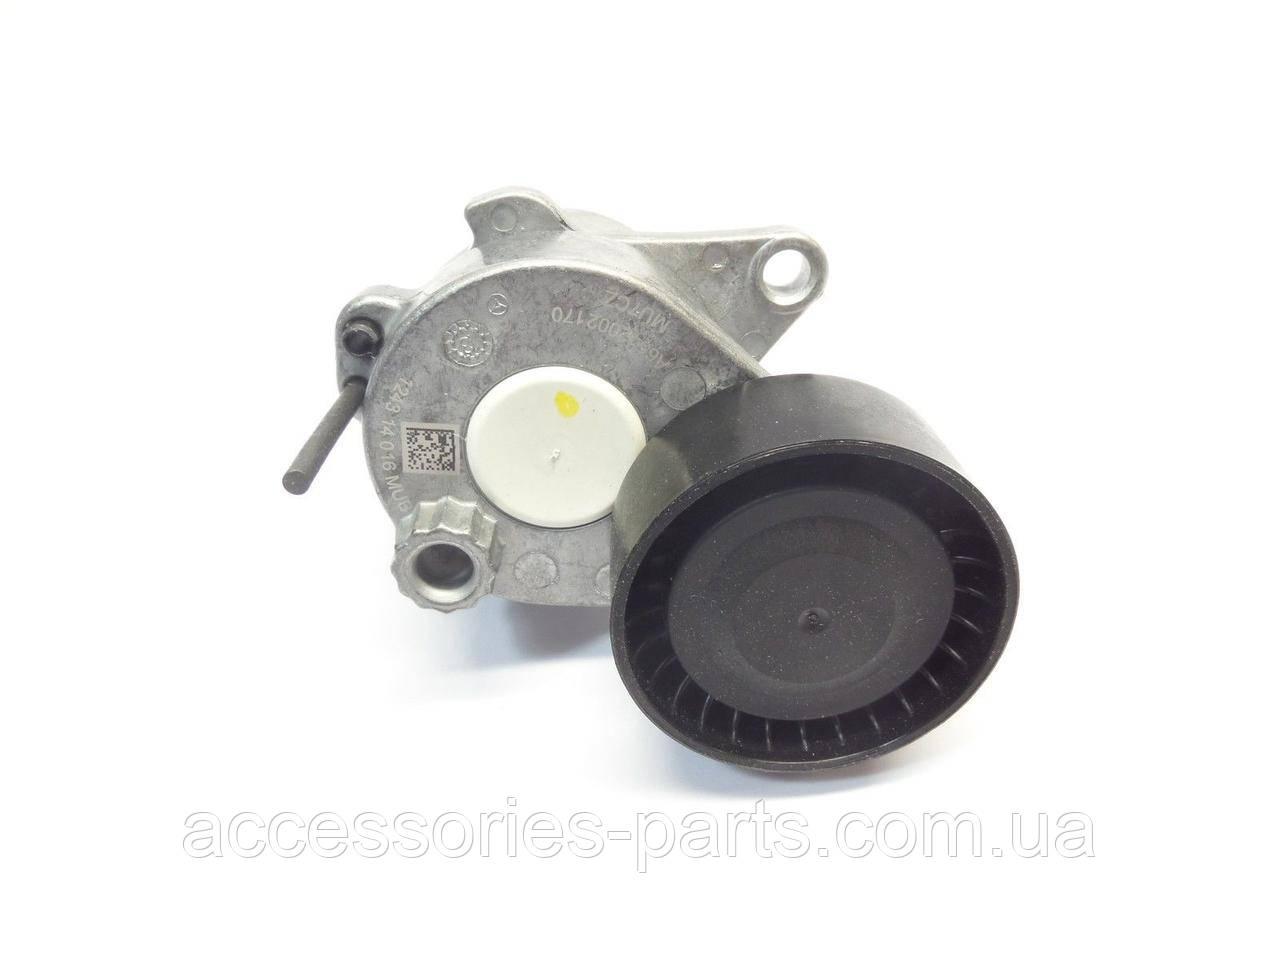 Натяжитель приводного ремня Mercedes M651 / ML/GLE W166 / C W204 / GLK X204 / E C207/W212 / CLS C218  - Accessories-Parts.com.ua в Луцке